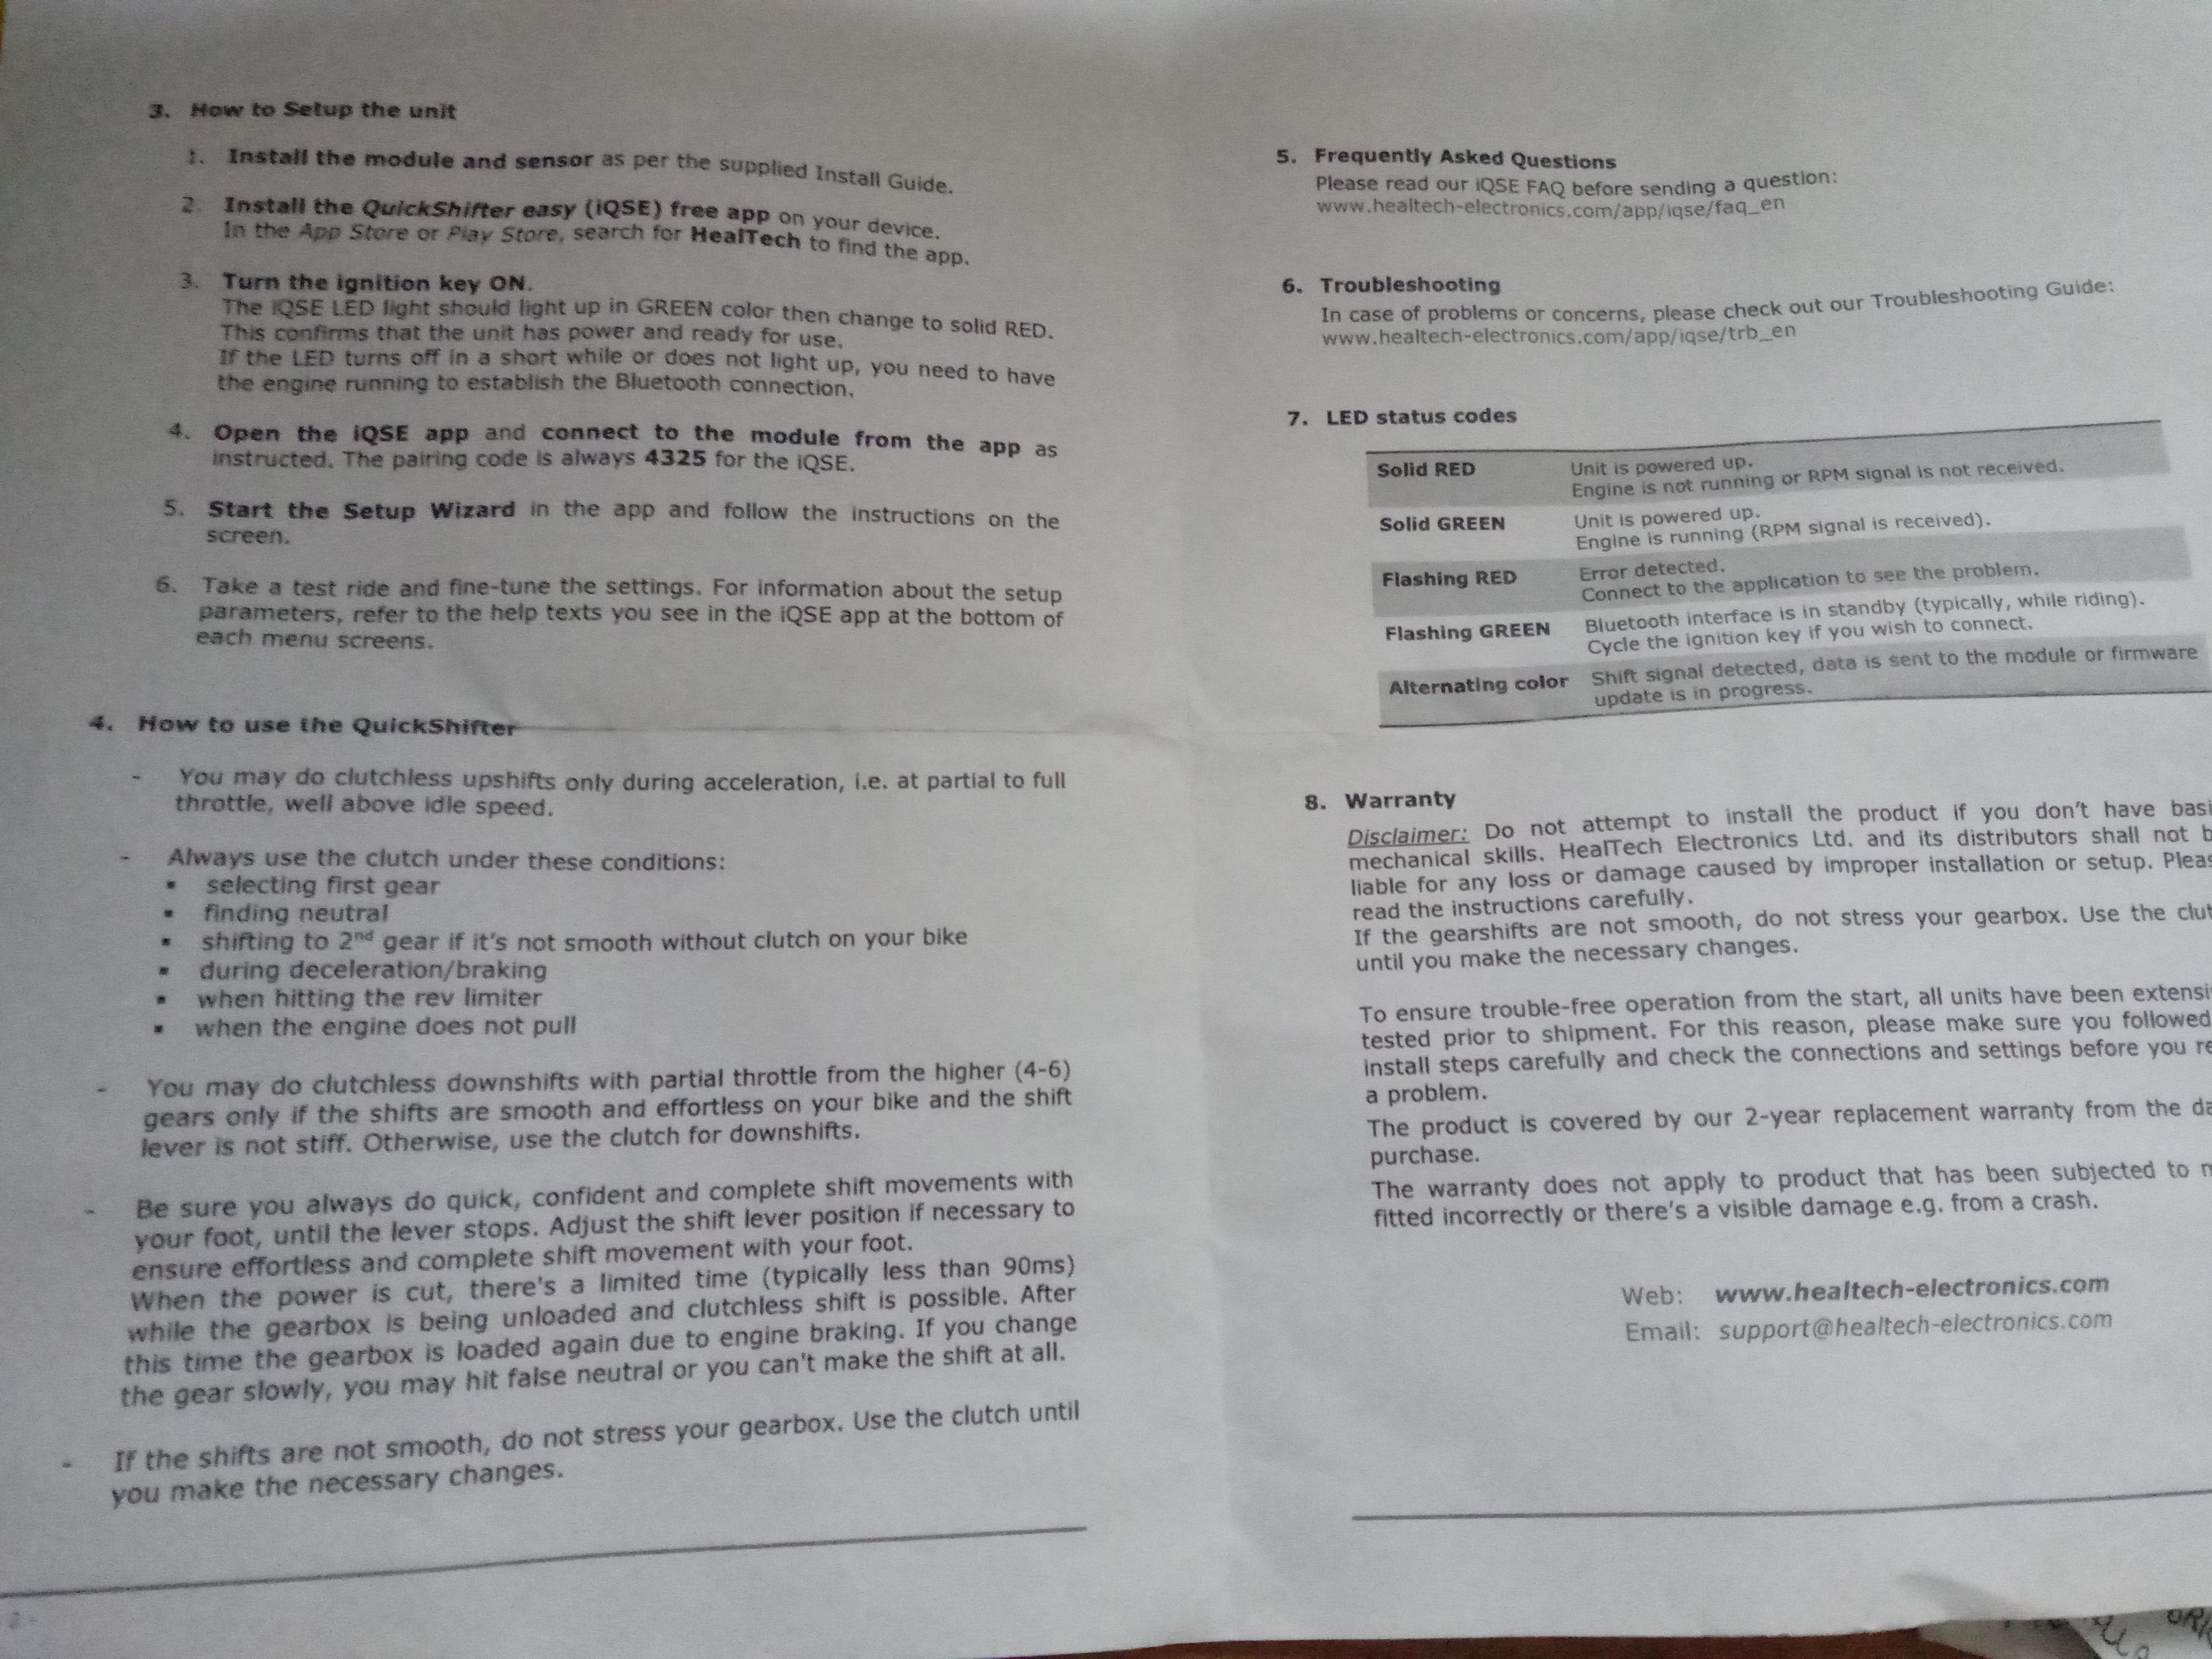 Help-Healtech Quichshifter - Page 5 - MVAgusta net